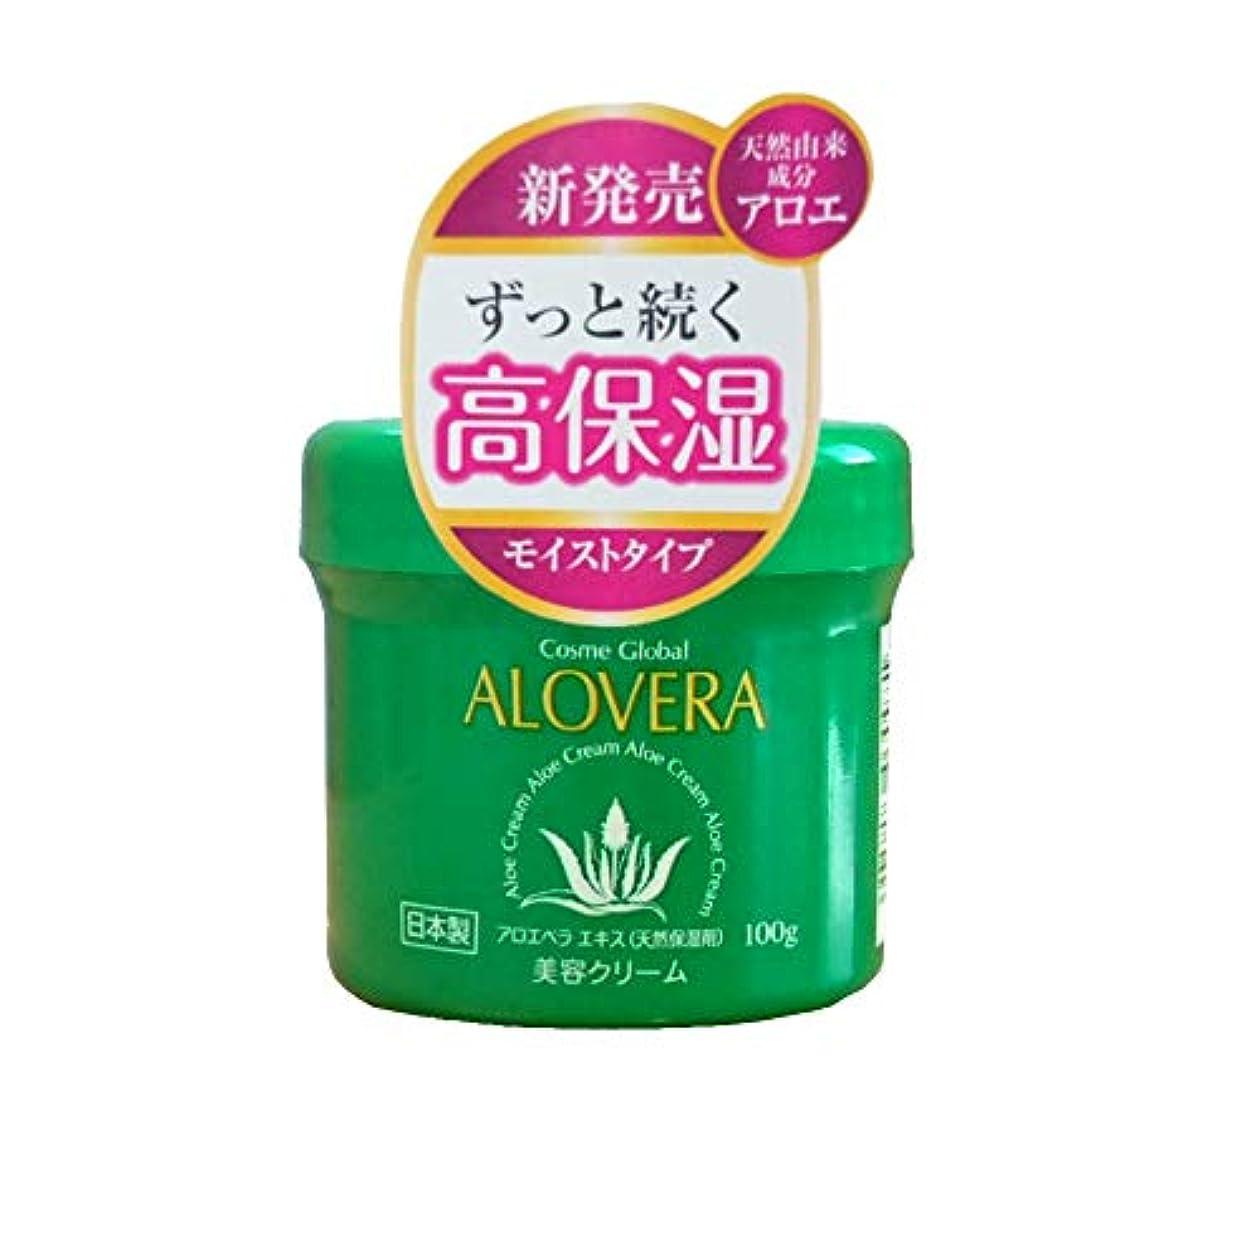 アレンジ姪換気するALOVERA アロベラ アロエベラ葉エキスをたっぷり配合 日本製 高保湿スキンケア 顔?全身用 (クリーム 100g)